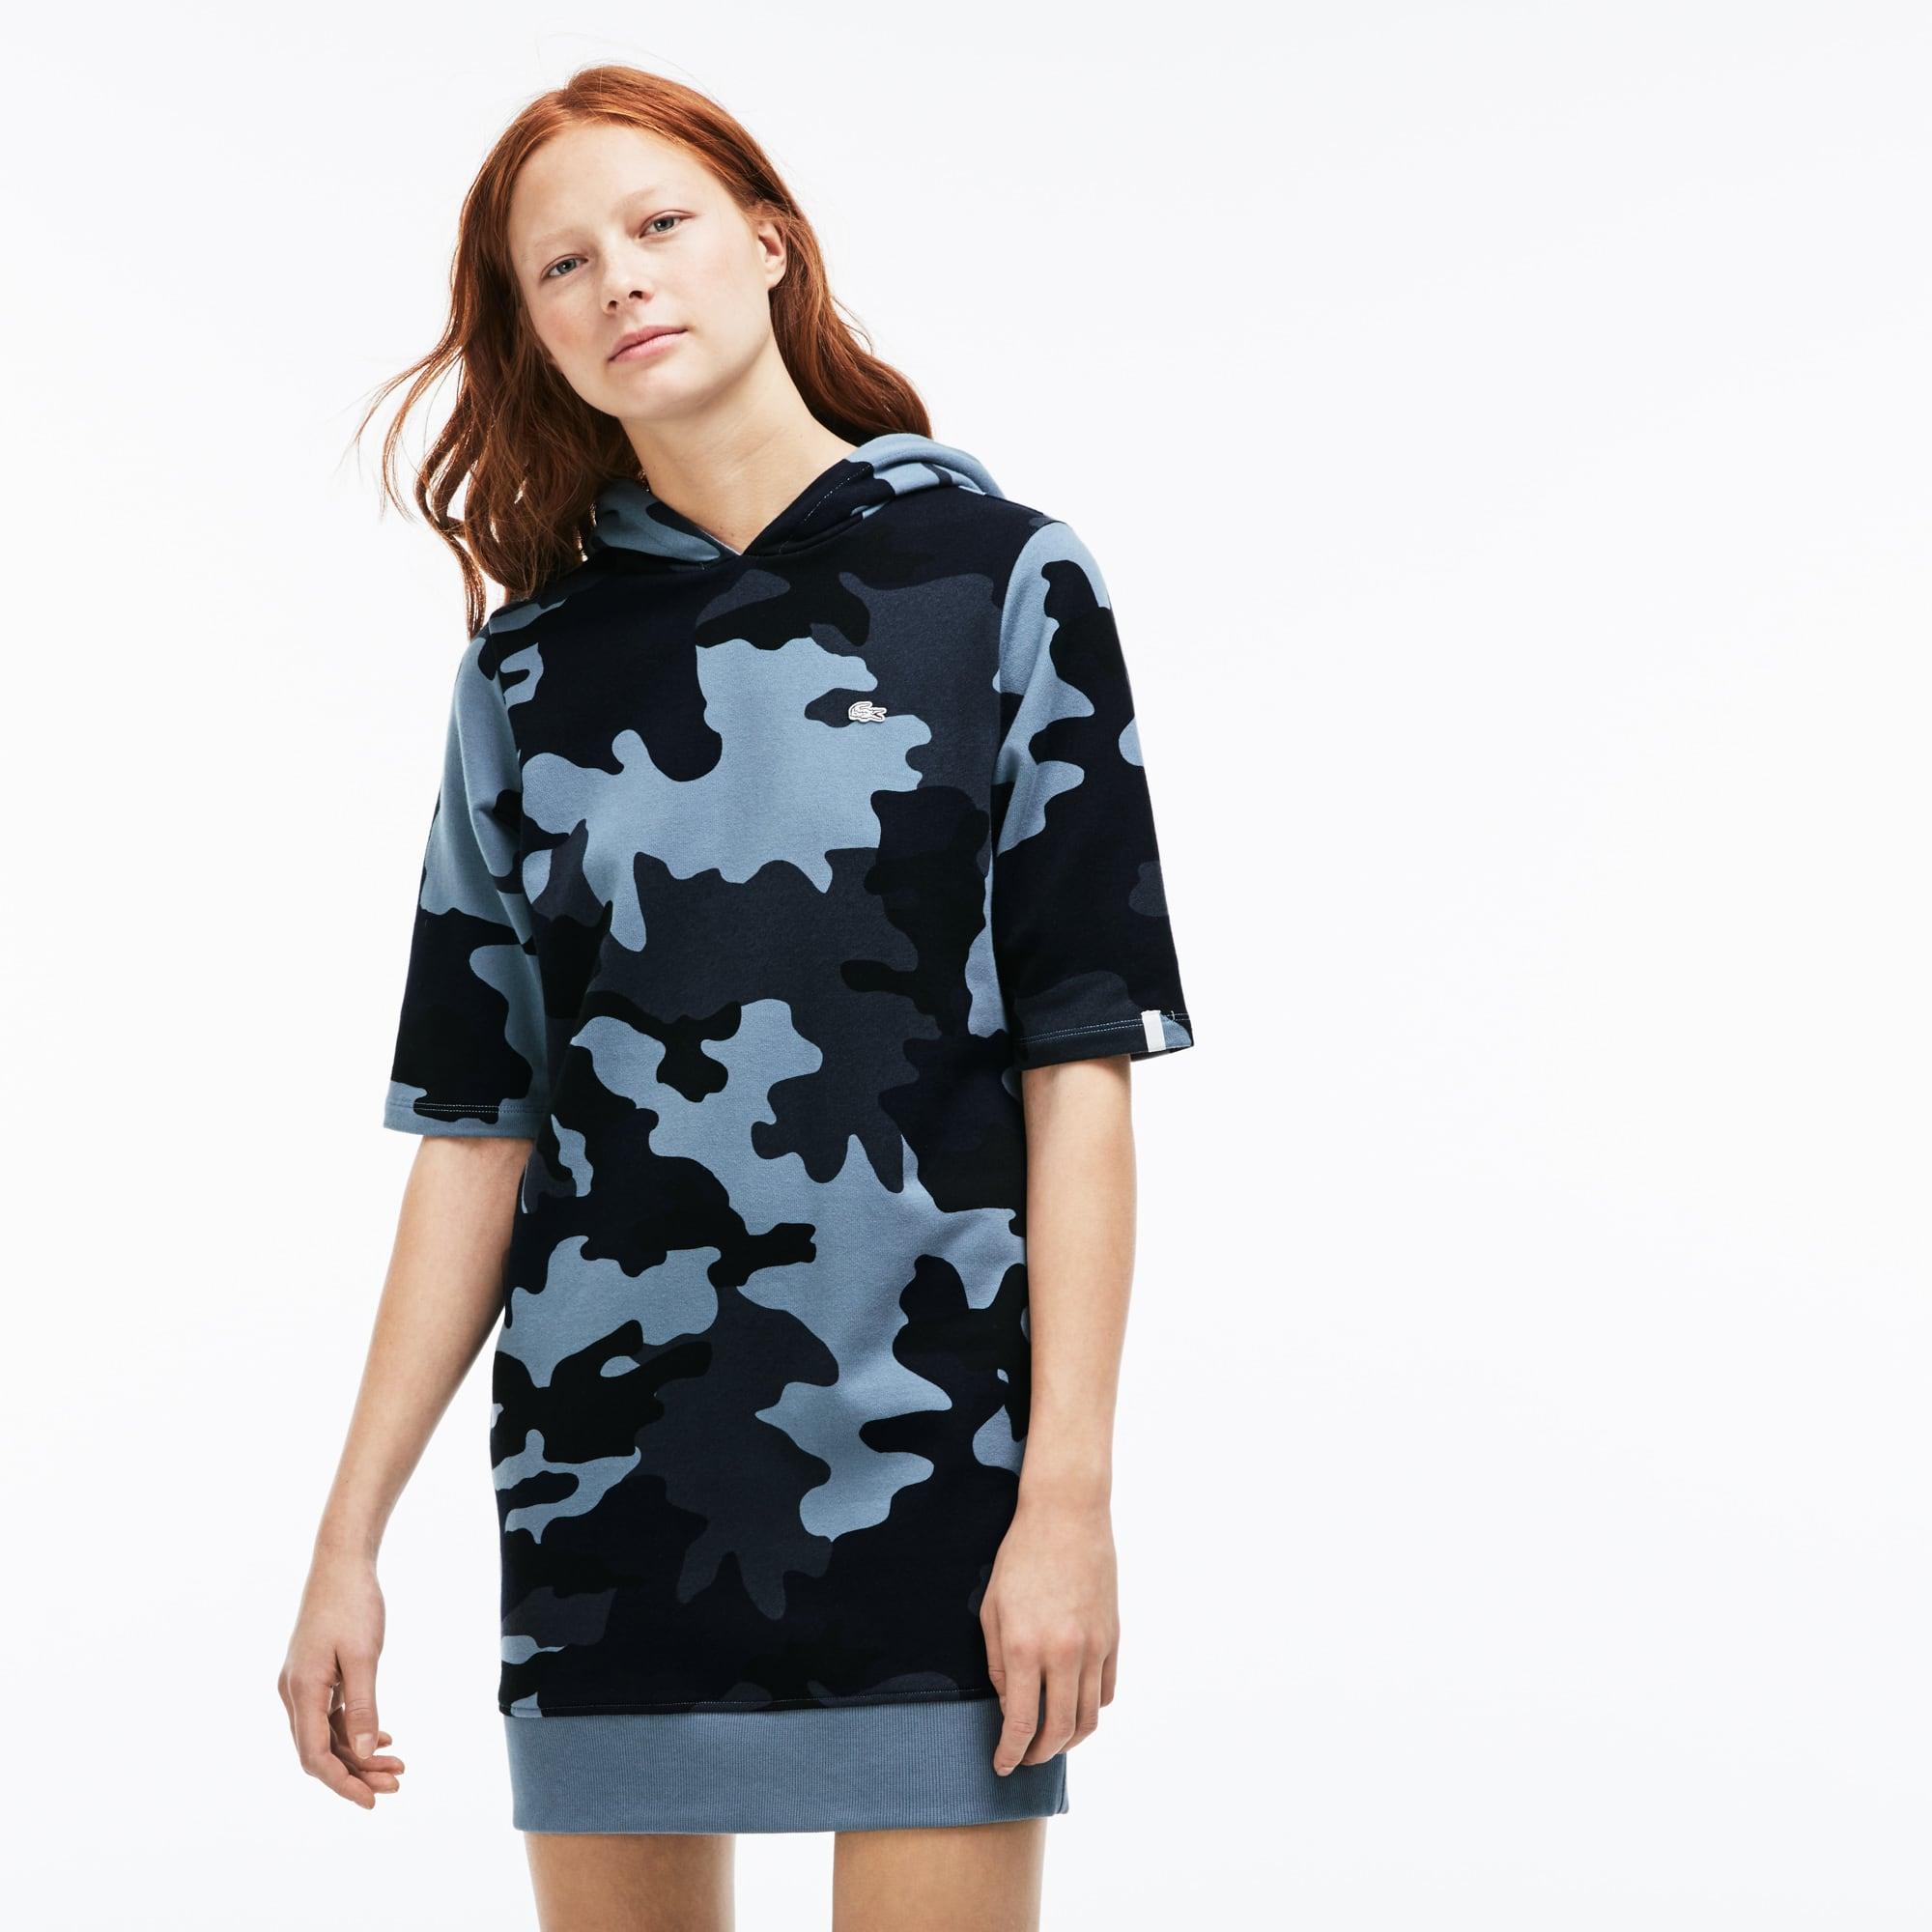 Robe sweatshirt à capuche Lacoste LIVE en molleton imprimé camouflage